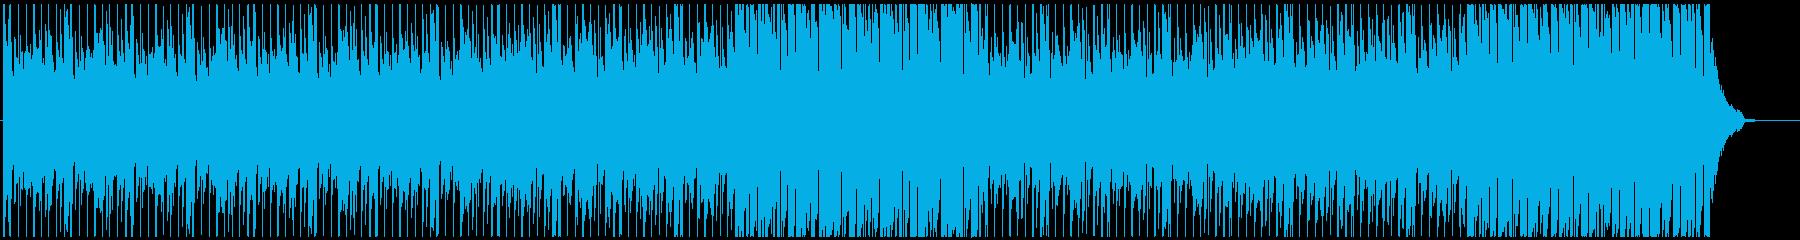 企業VPに 優しい・温かい ピアノメインの再生済みの波形